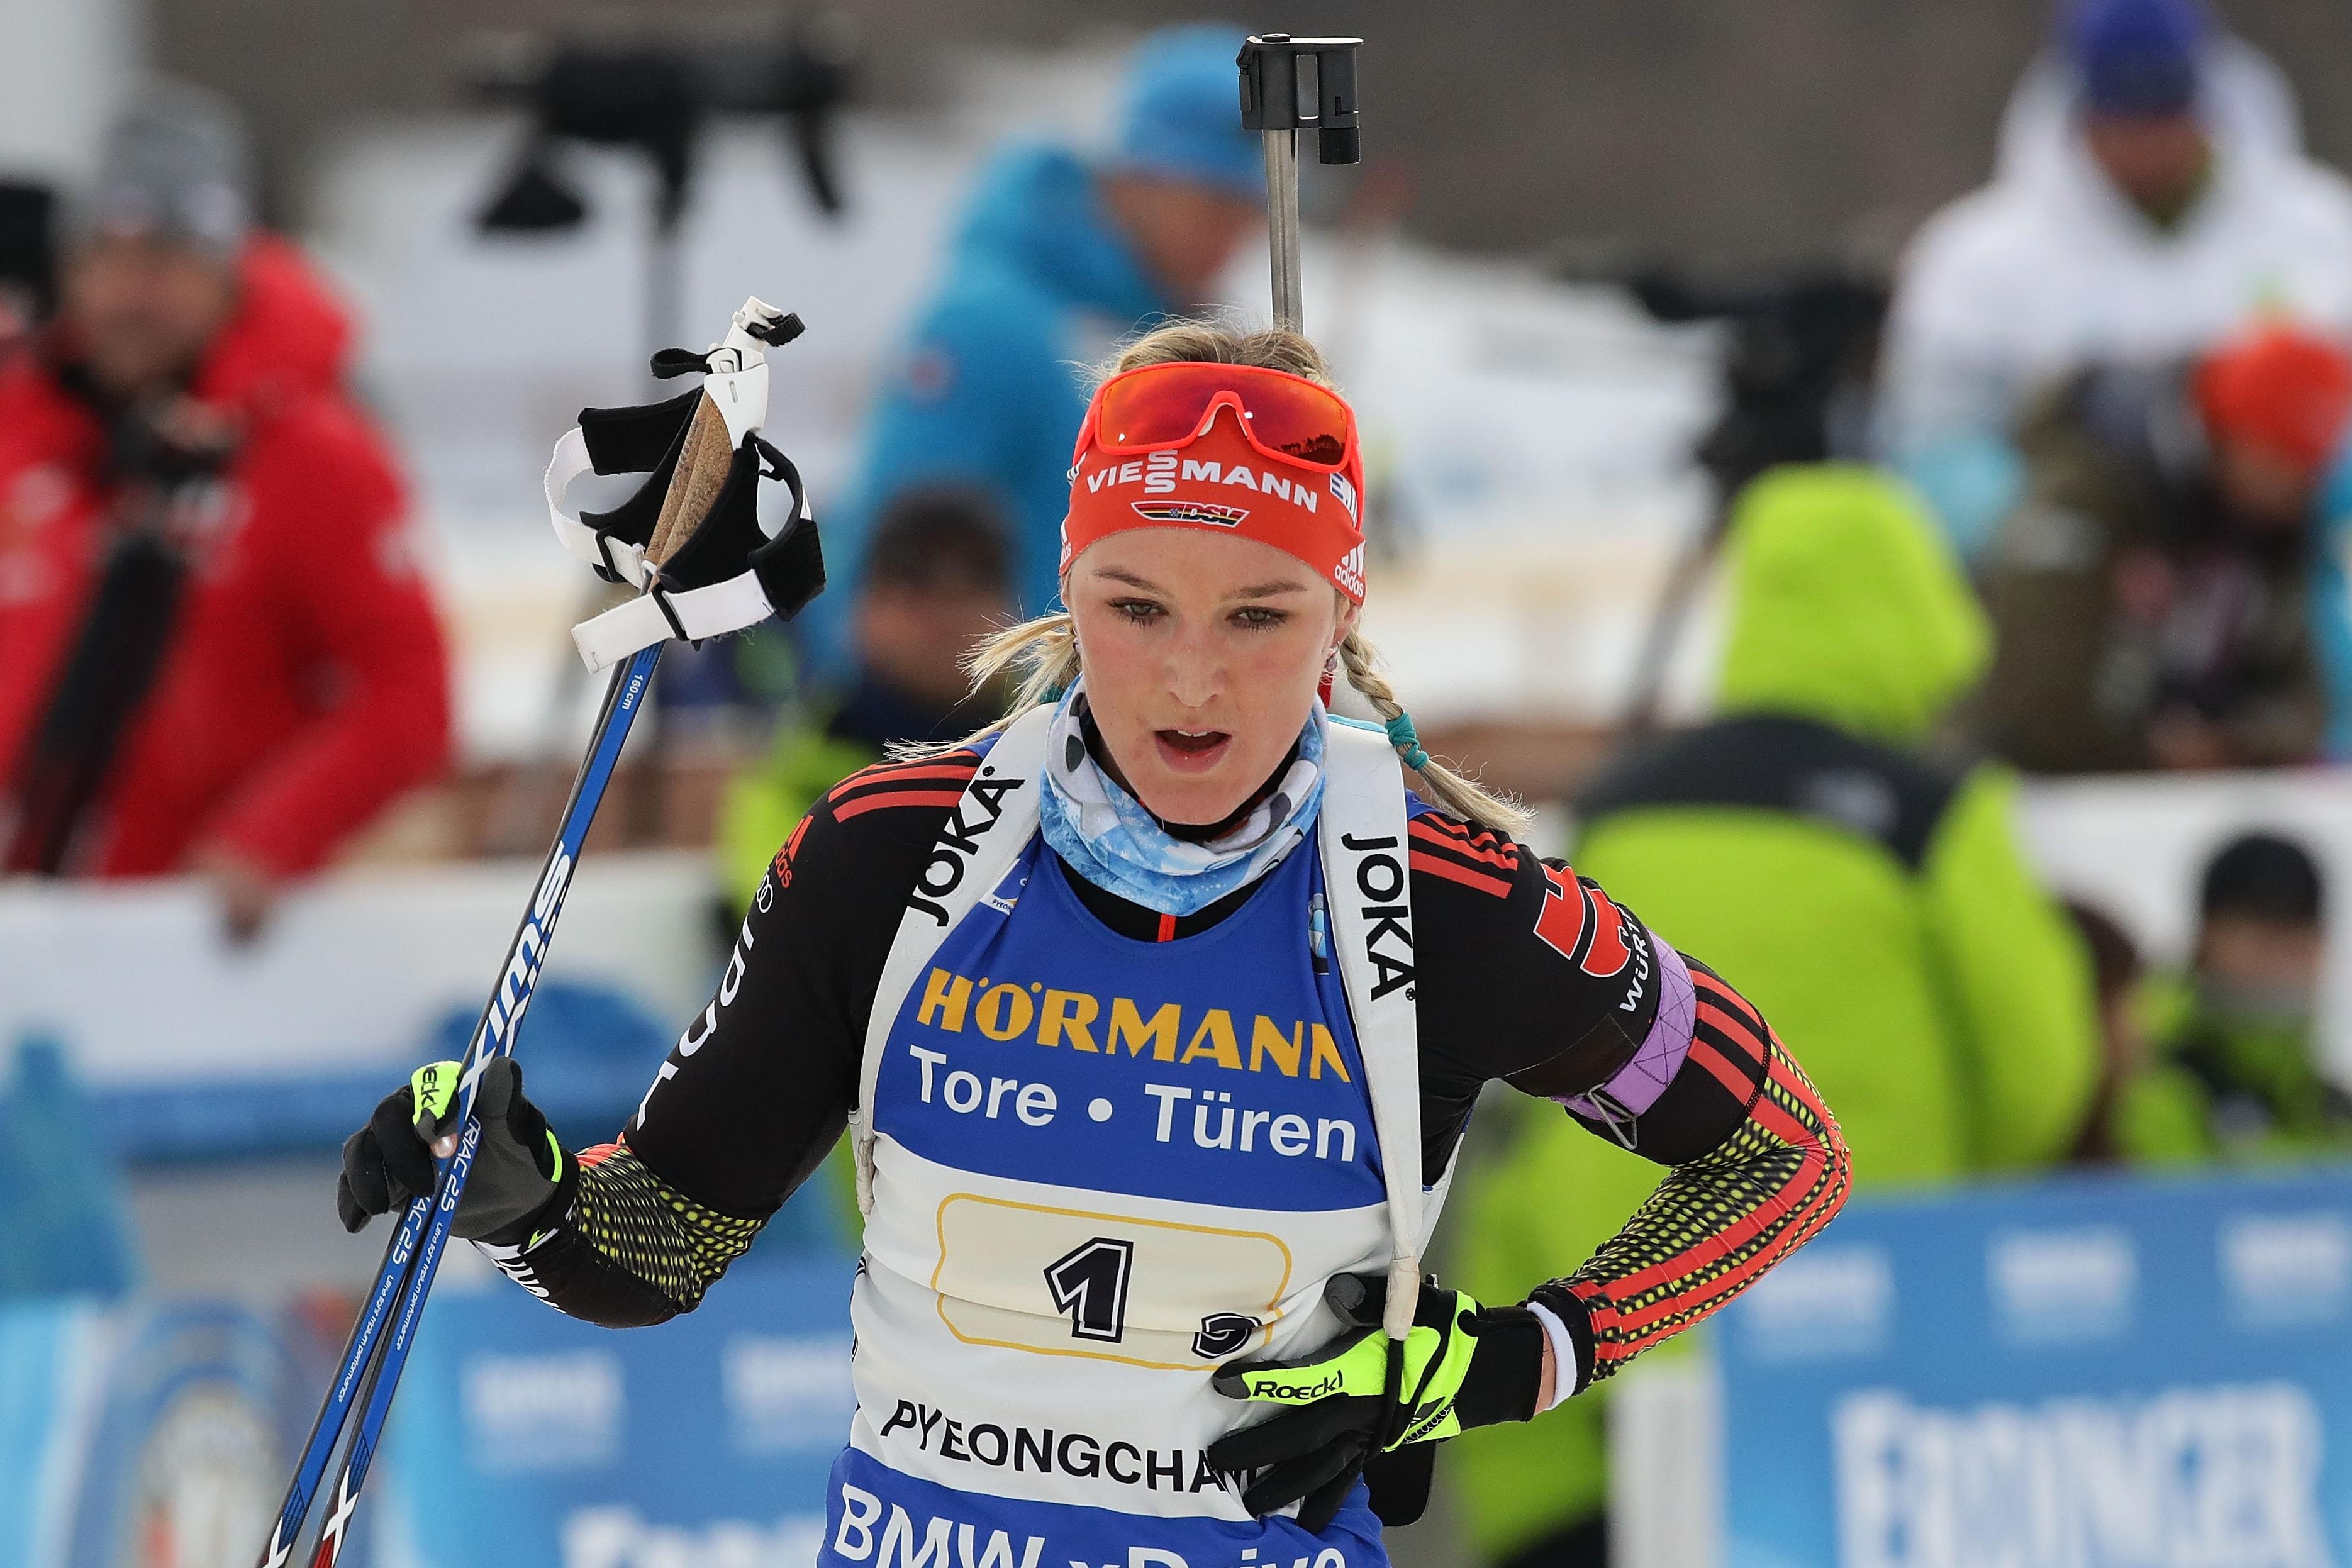 Денизе Херман спечели първия спринт при жените за сезона от